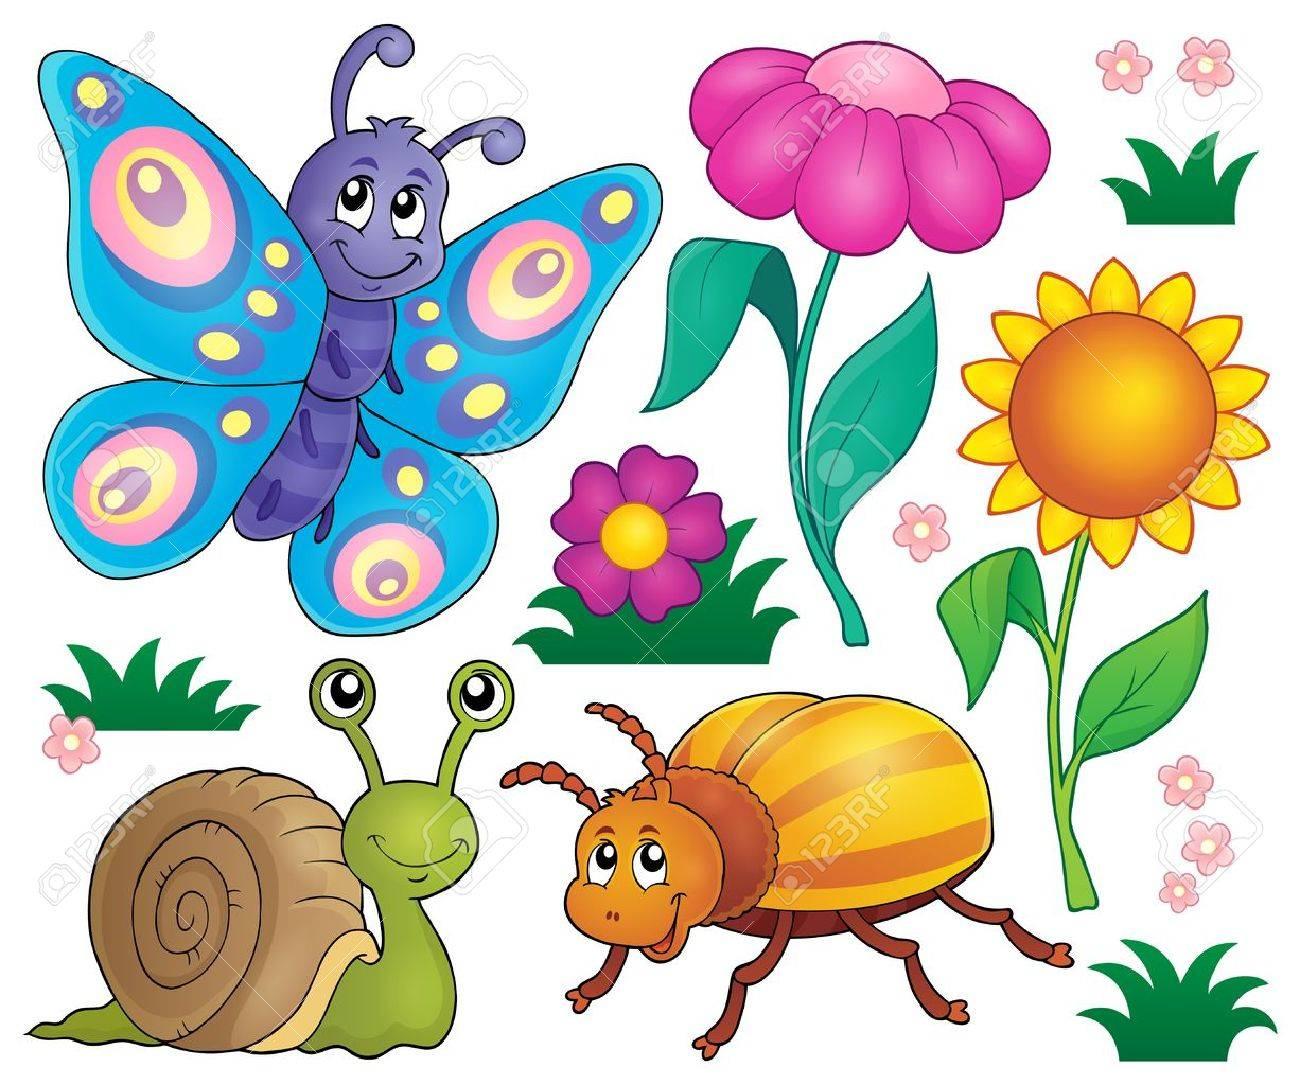 春の動物や昆虫はベクトル イラストです。 ロイヤリティフリークリップ